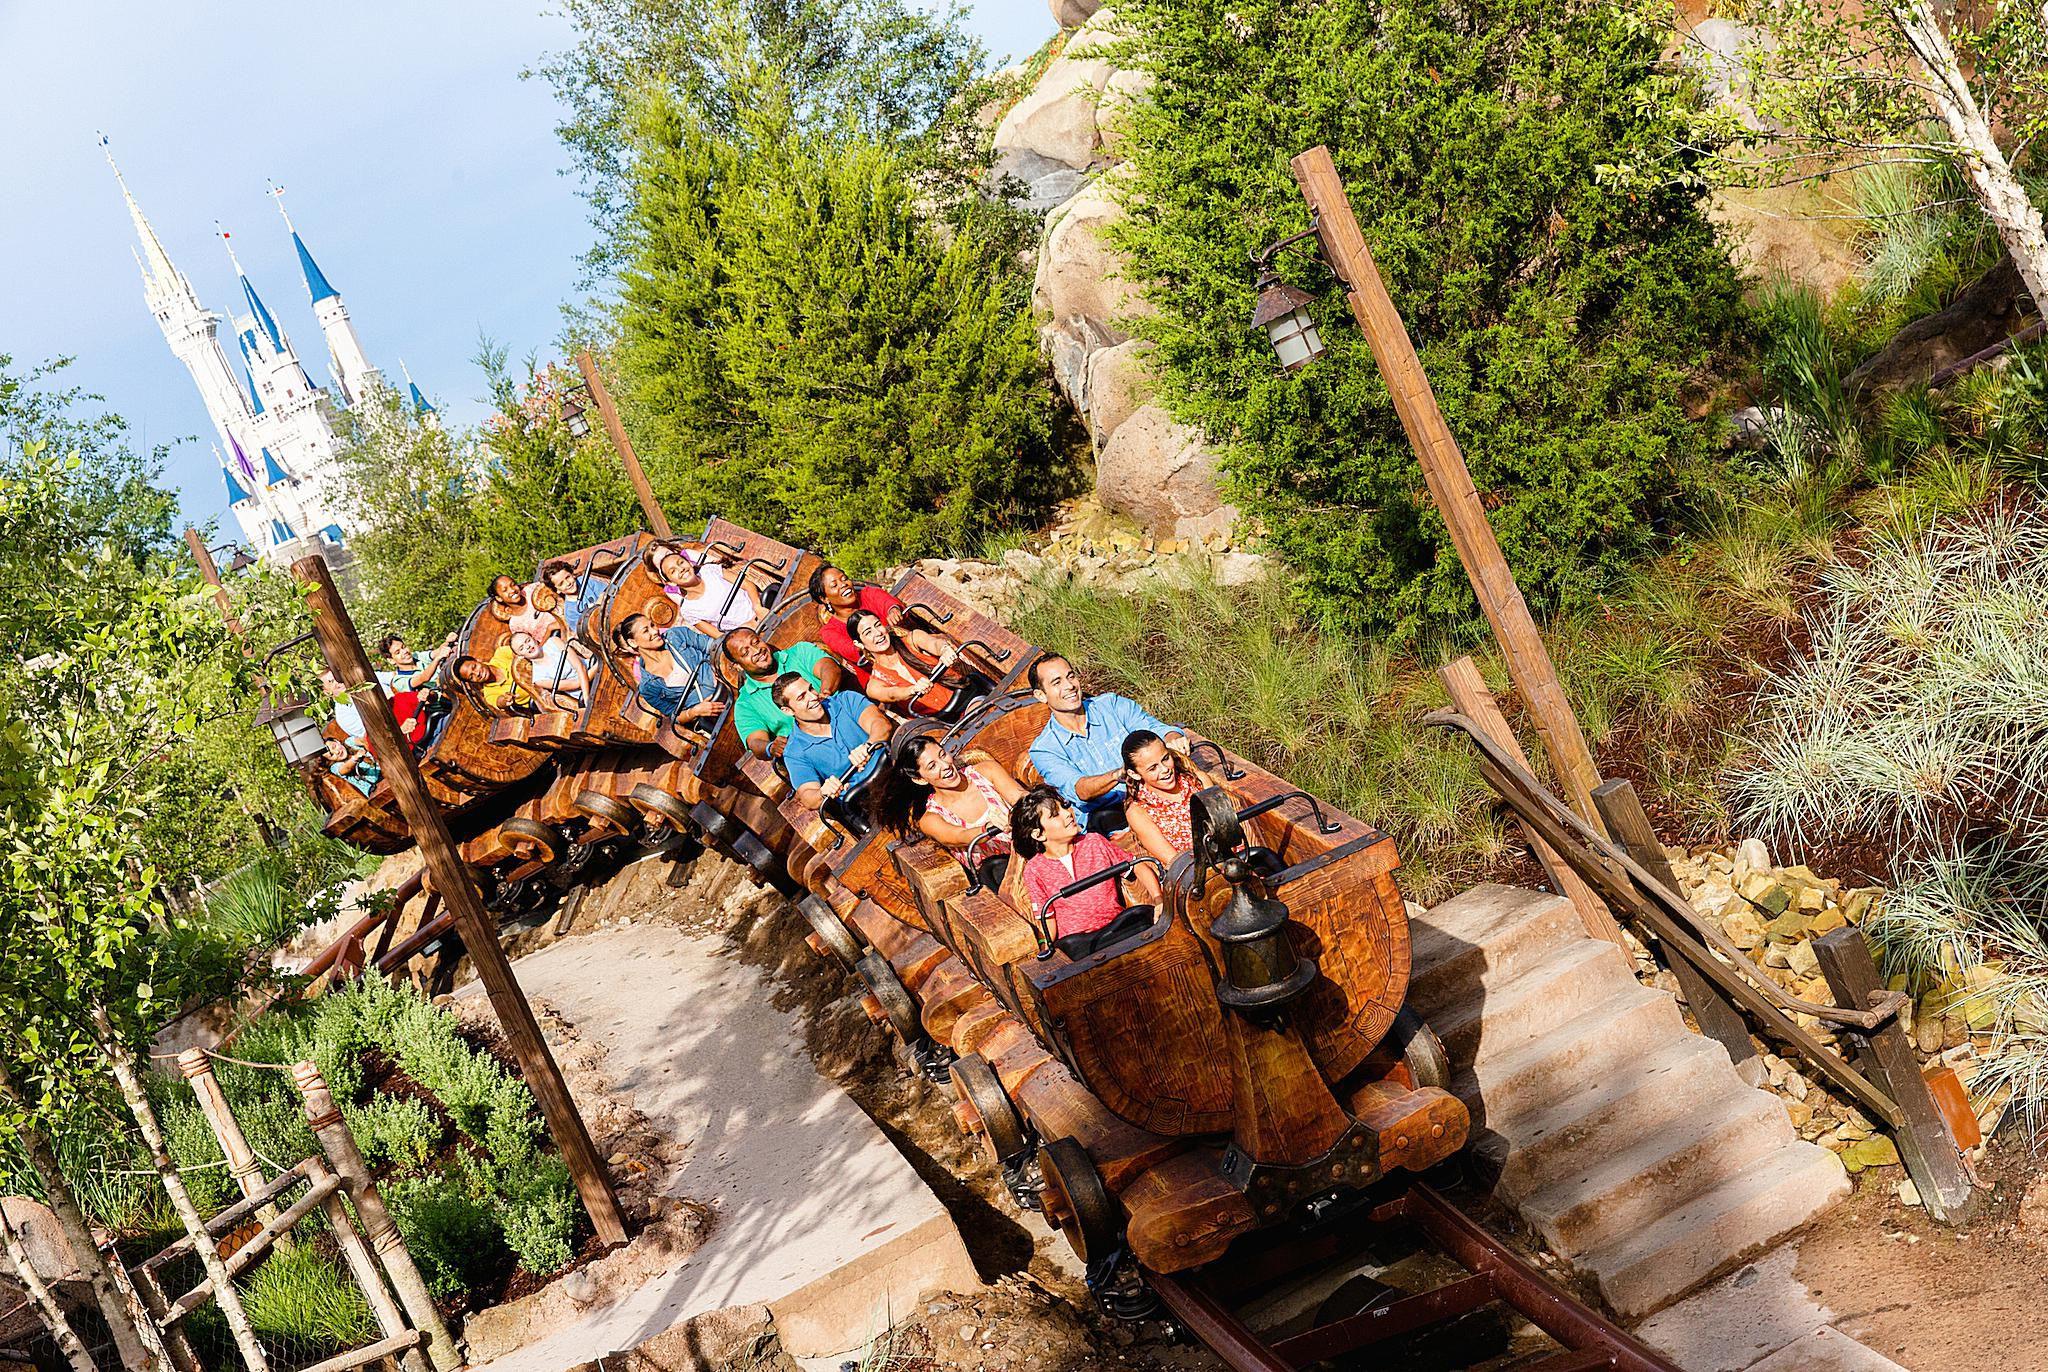 Resultado de imagem para Seven Dwarfs Mine Train